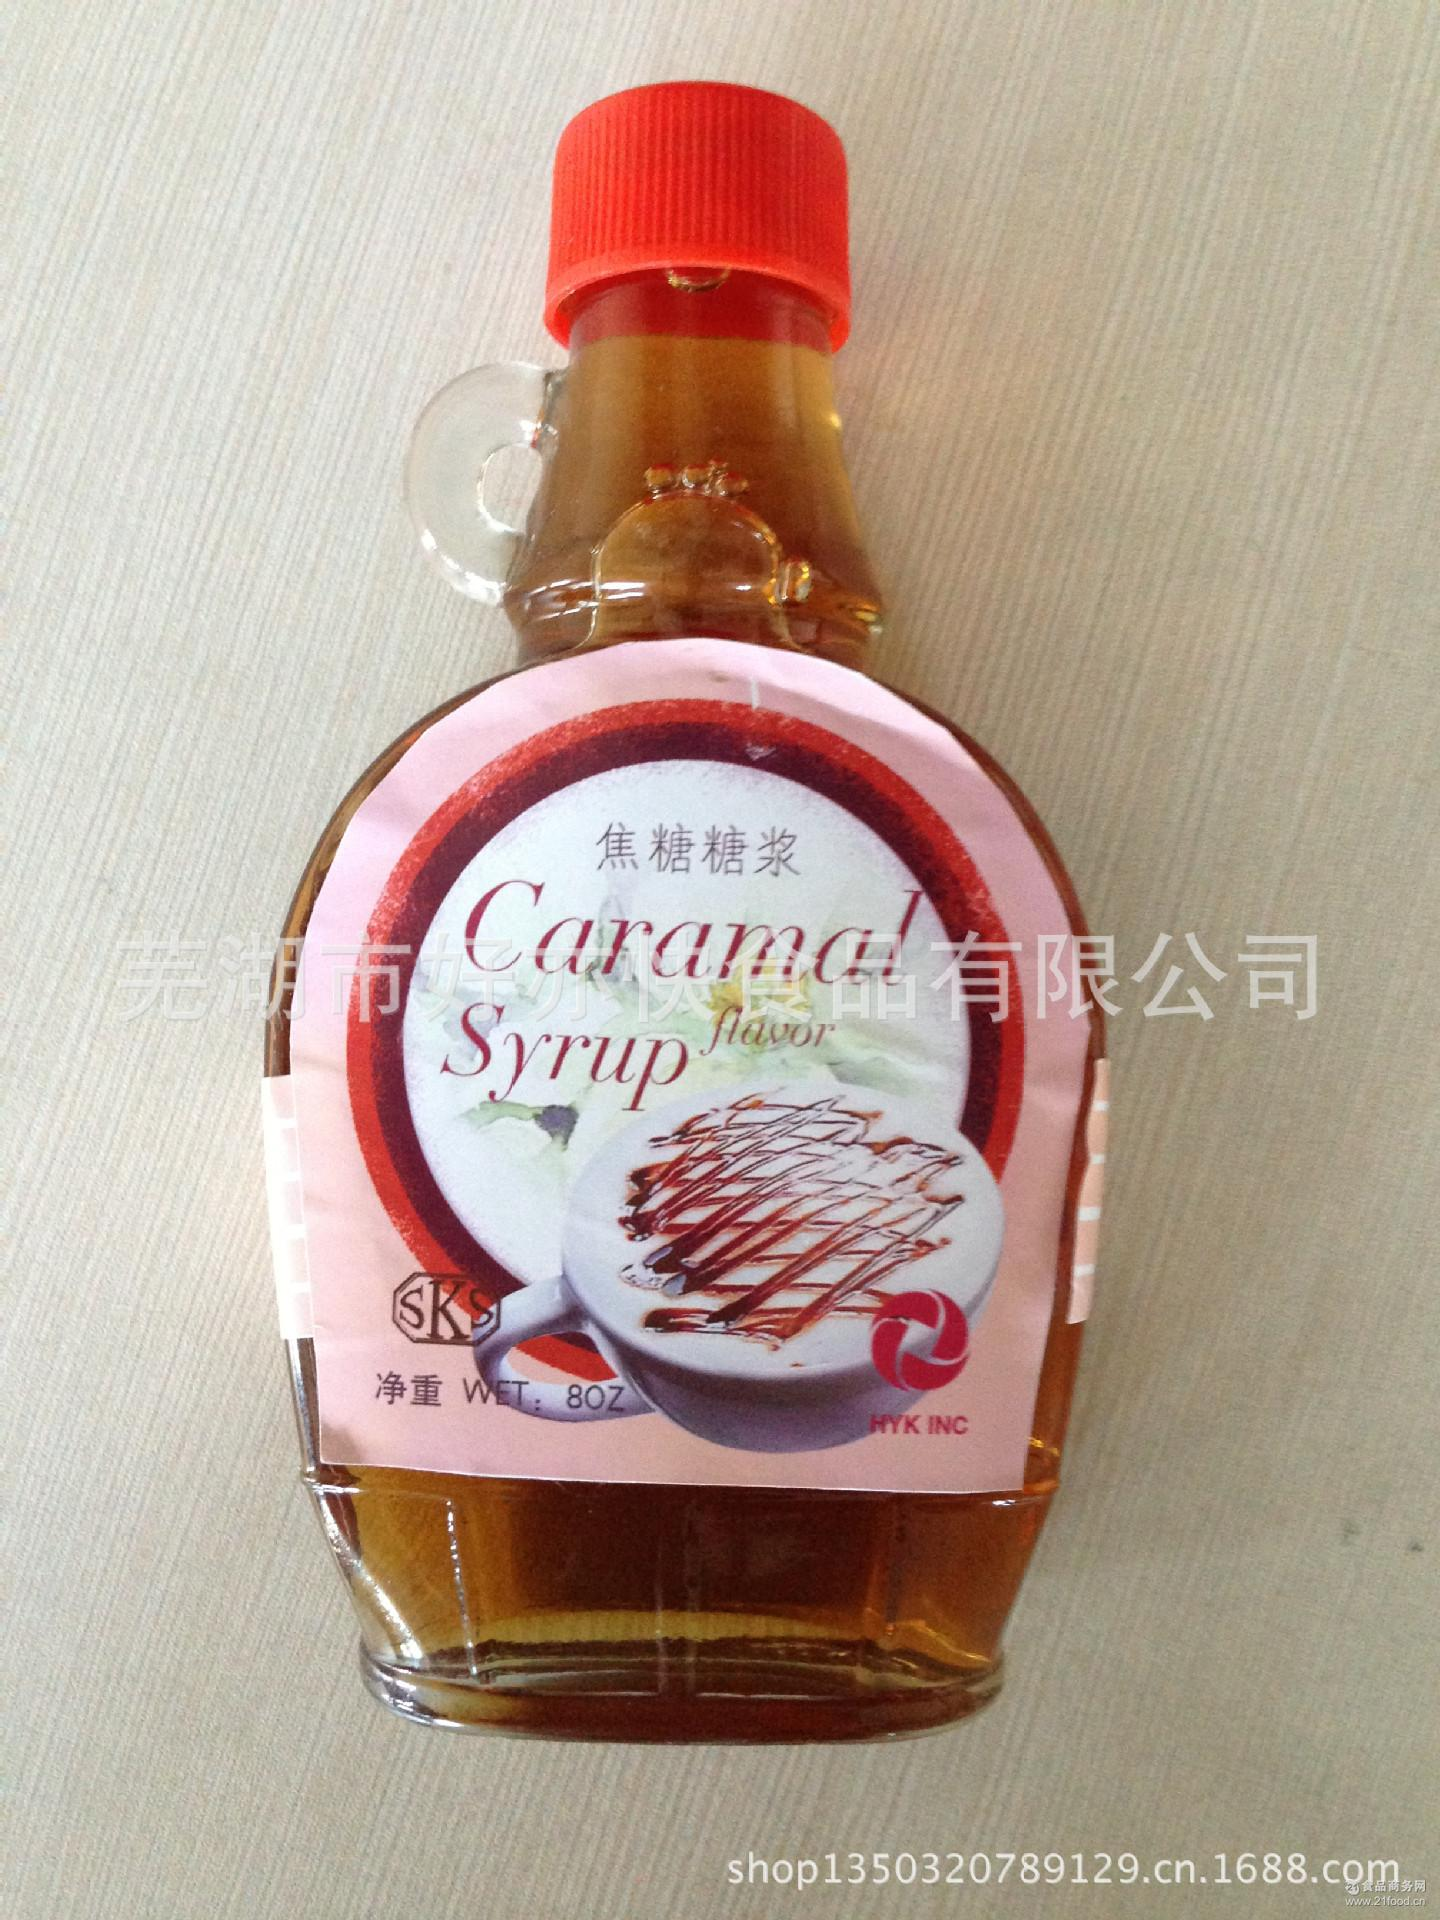 【低价销售】 【厂家直销】焦糖糖浆 果味糖浆 风味糖浆